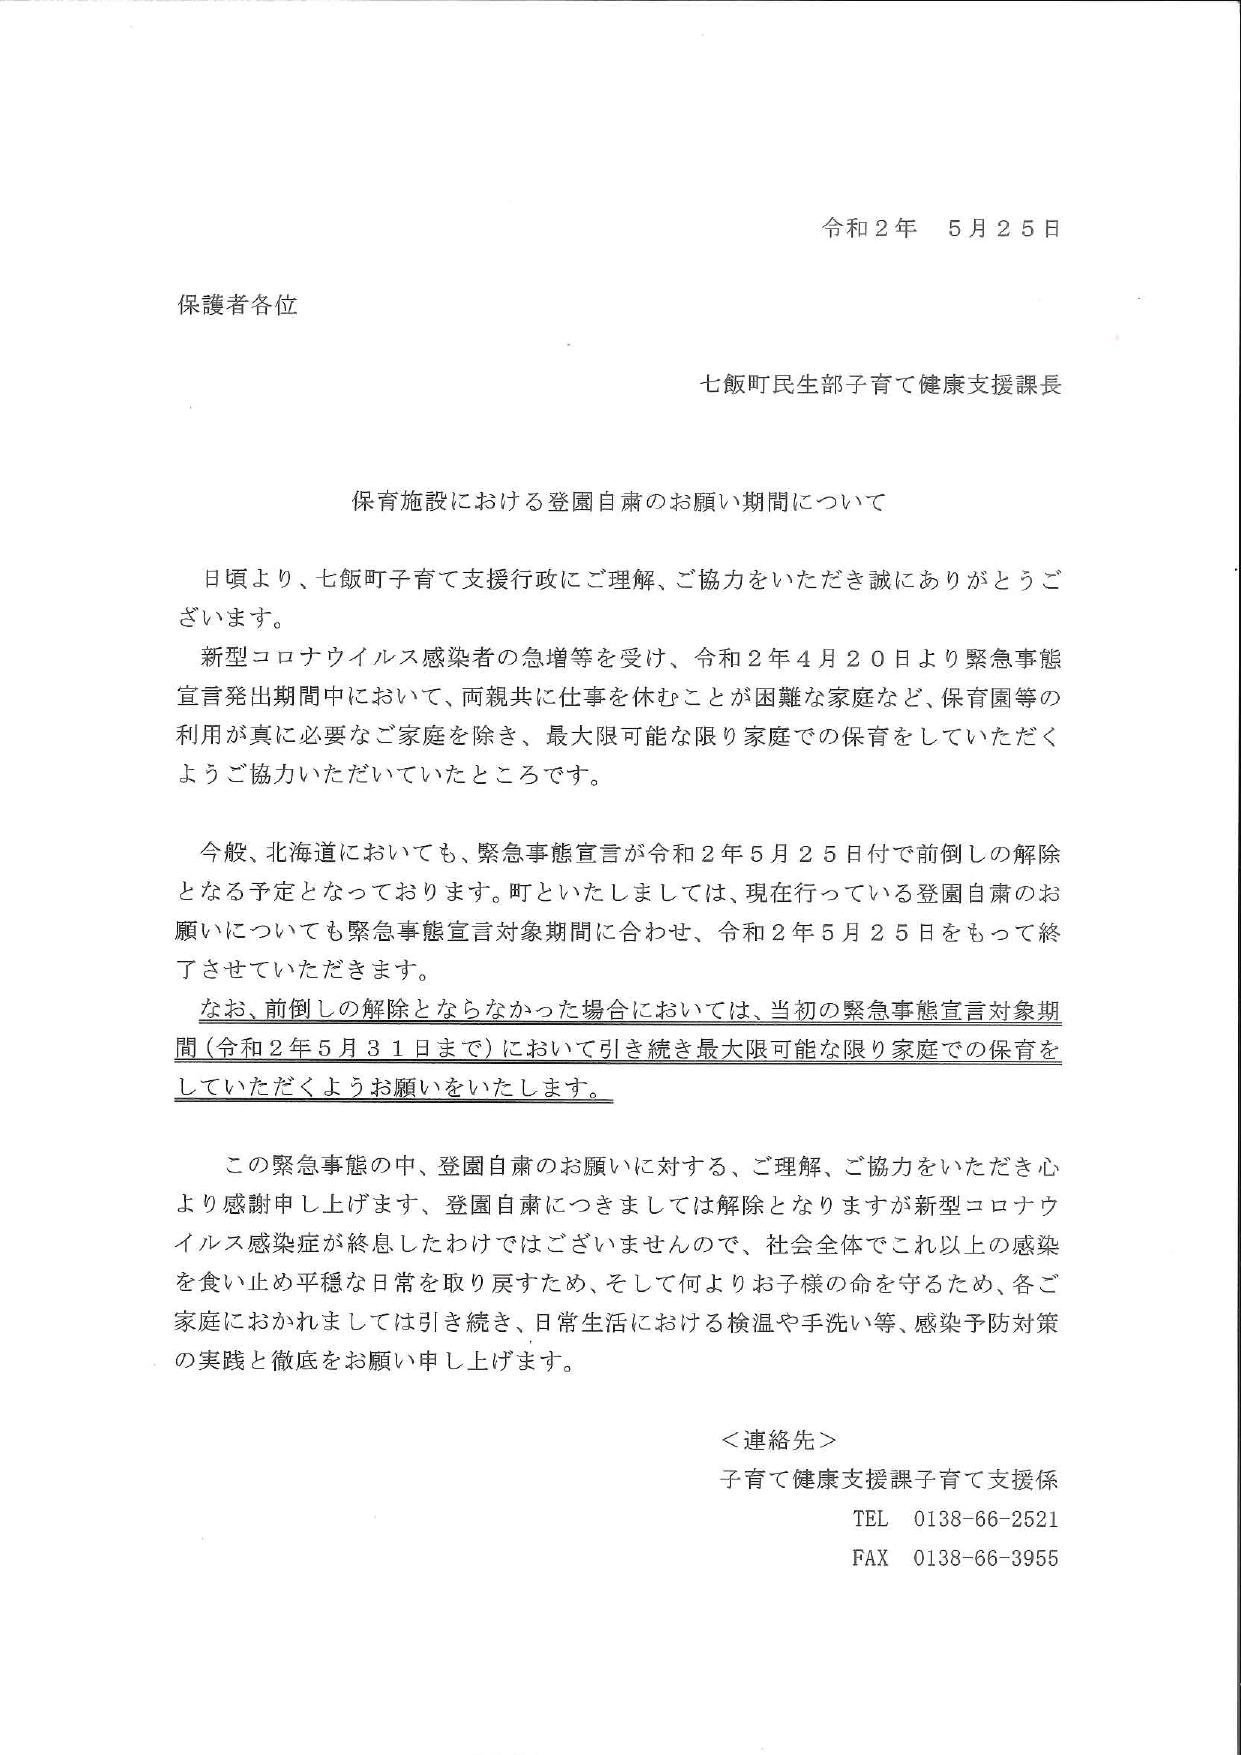 〜 お知らせ 5/25 (月) 〜